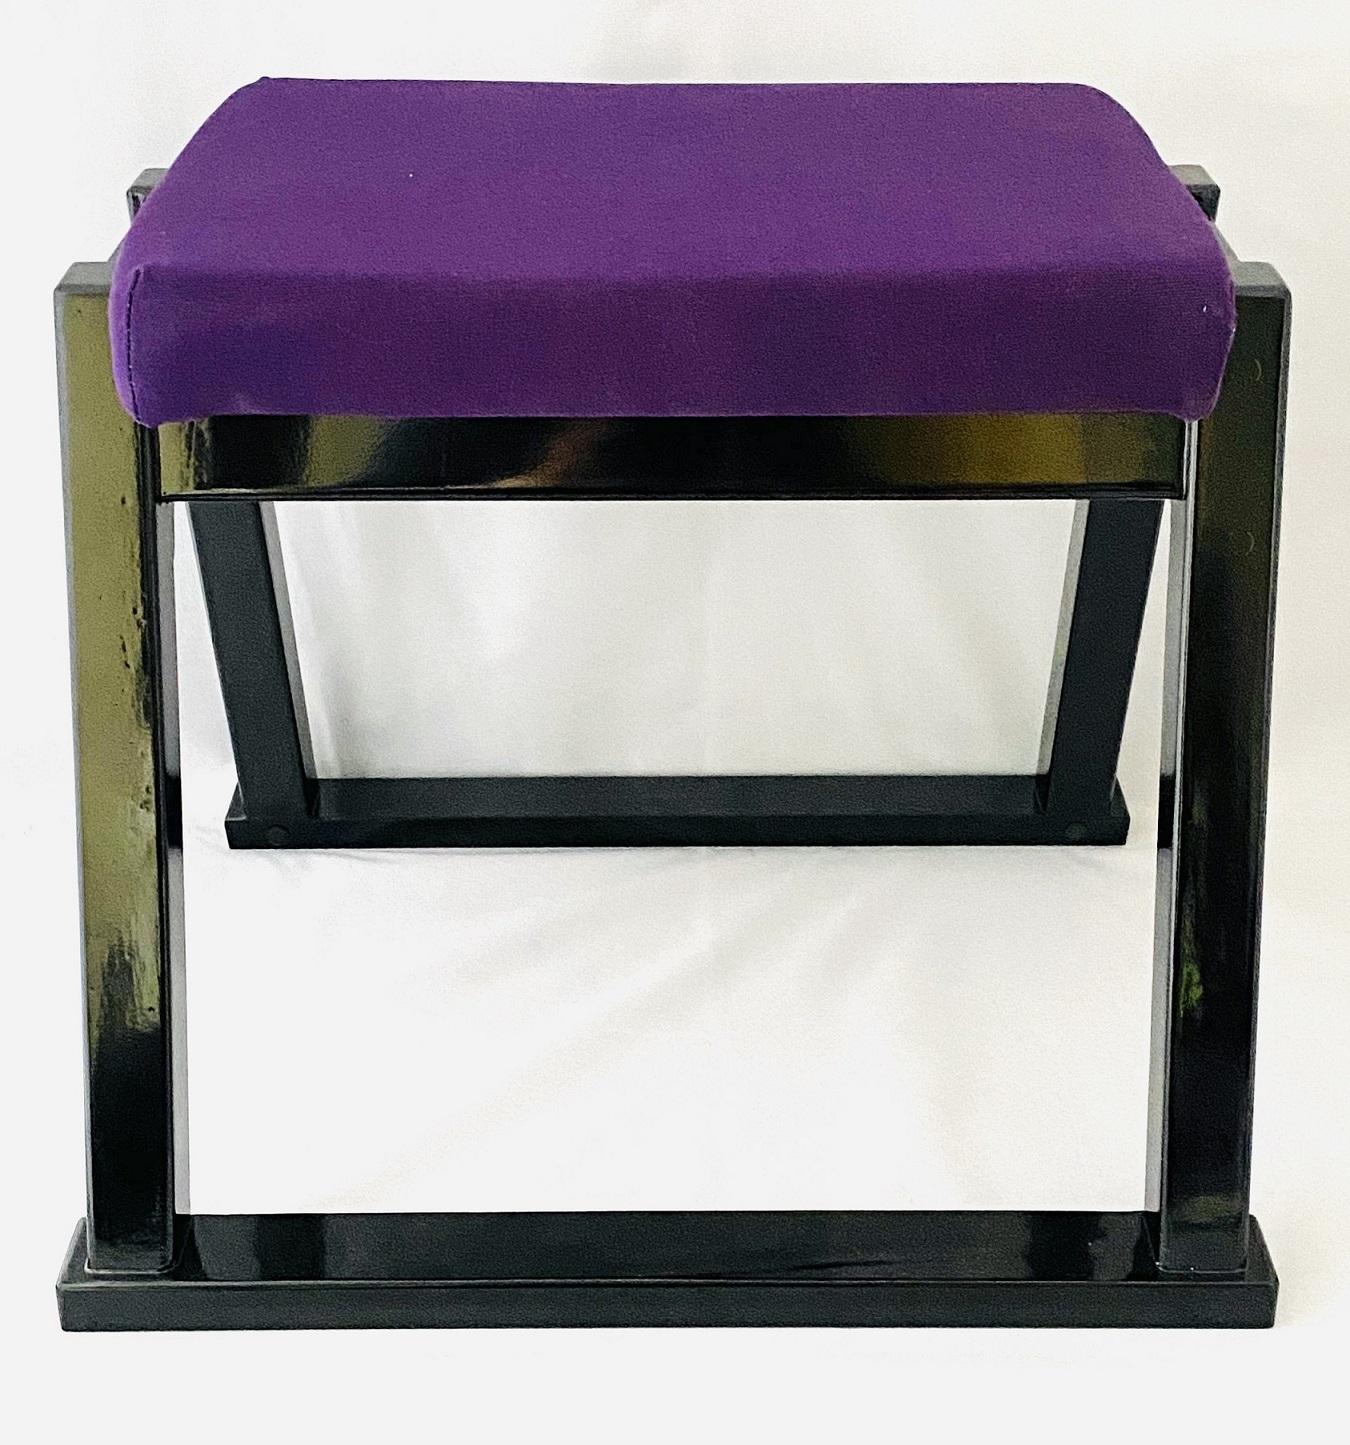 【 座敷用椅子 】 本堂用椅子高さ37cm座面紫布